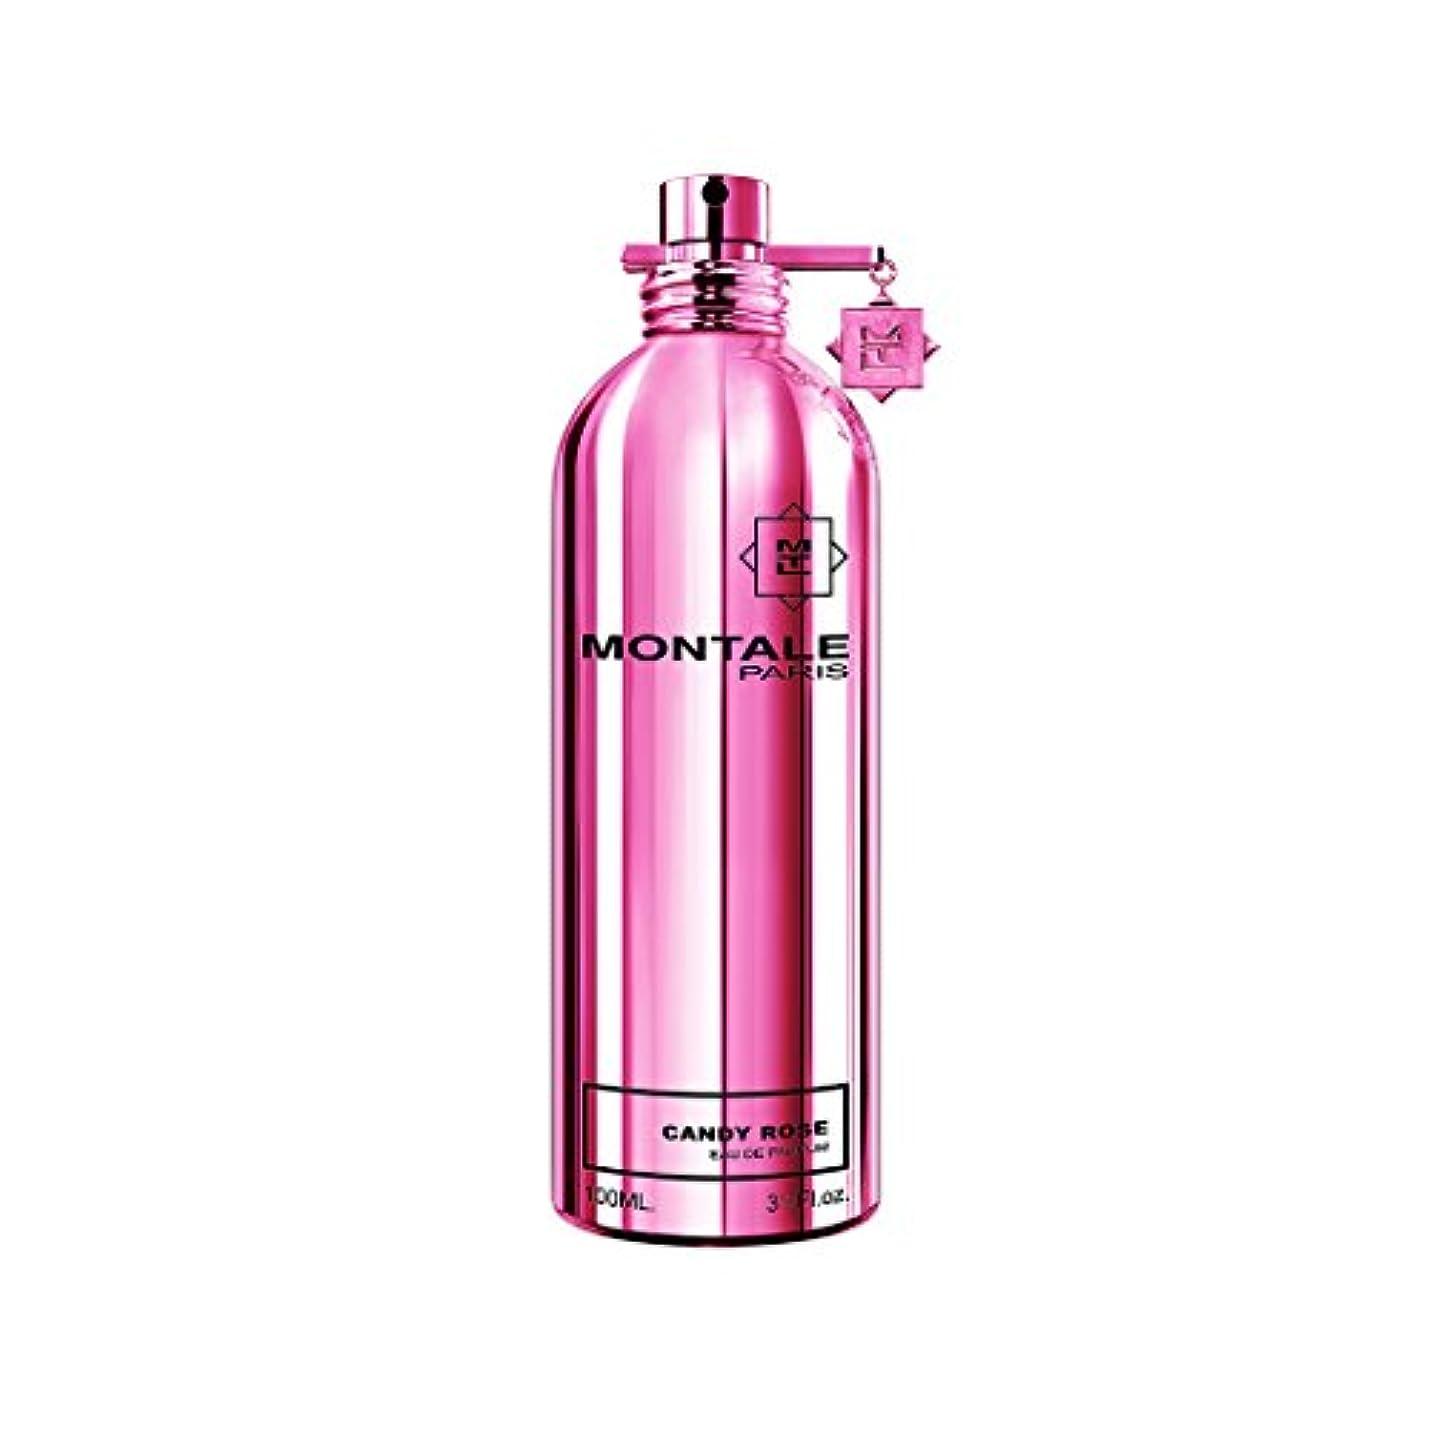 受け入れるオーストラリア人ペアMontale Candy Rose by Montale Eau De Parfum Spray 3.4 oz / 100 ml (Women)